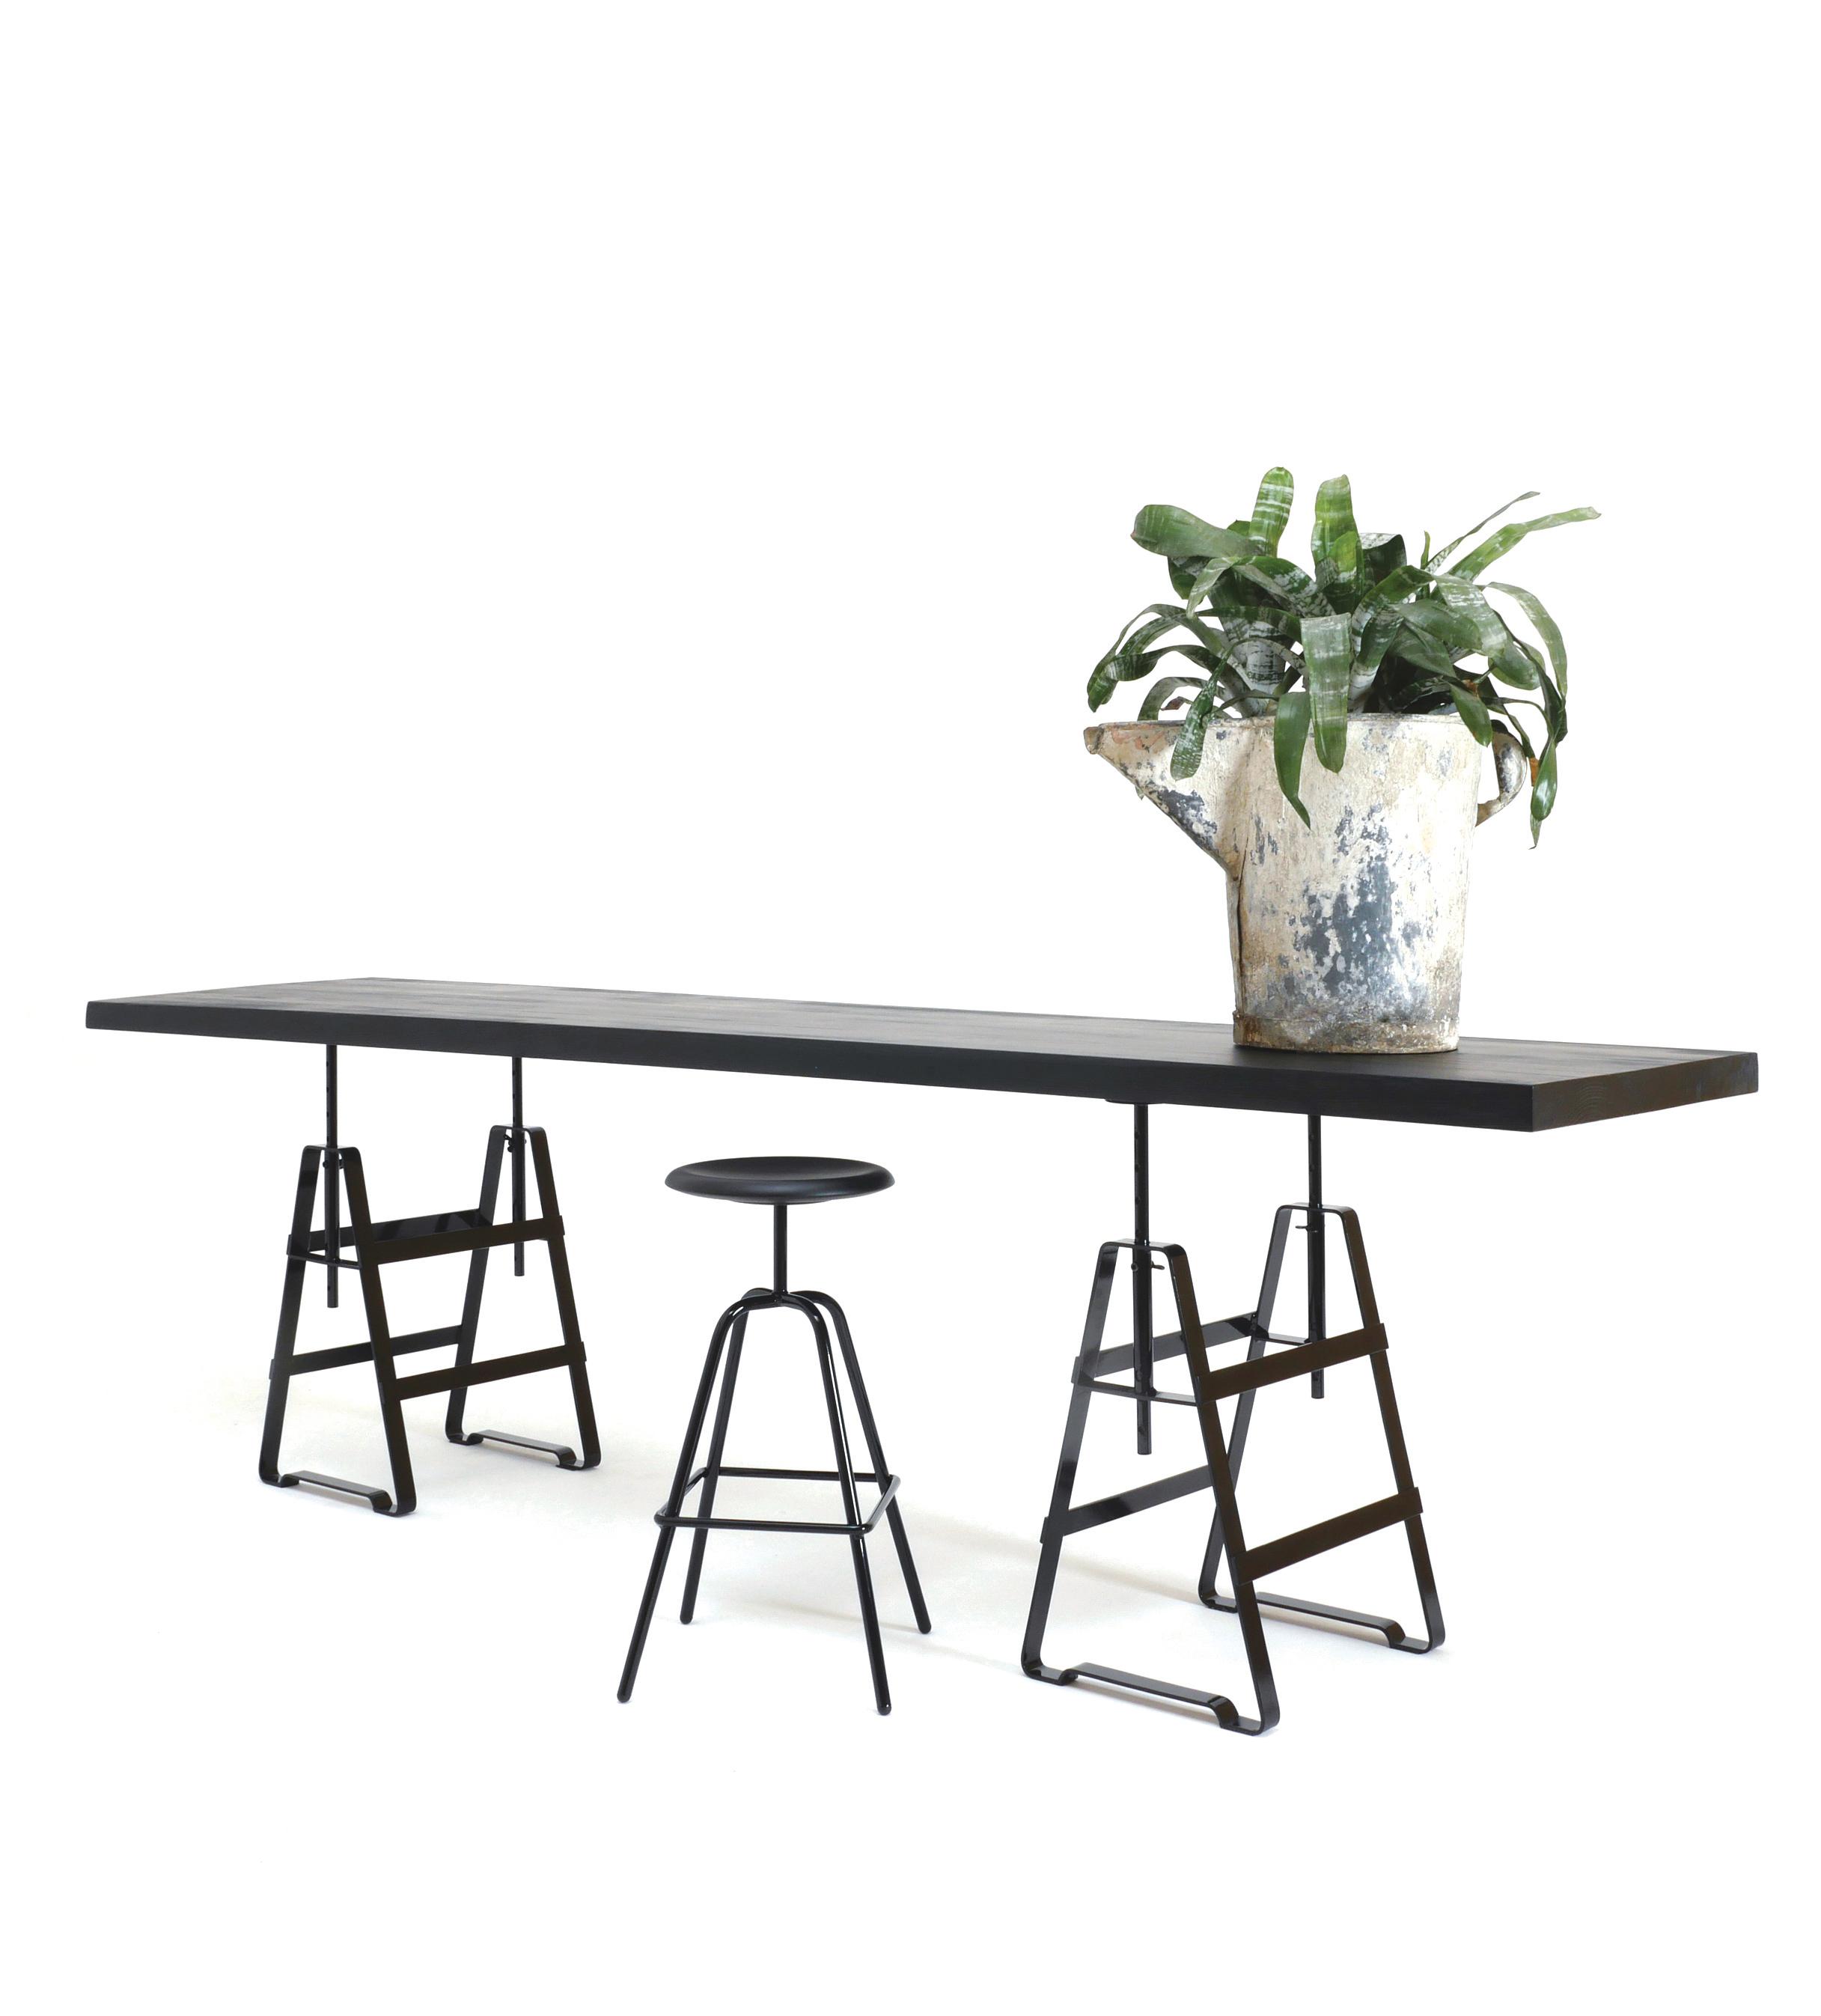 LACKAFFE ist ein höhenverstellbaren Tischbock aus Eisen, flexibel einsetzbar für unterschiedlichste Platten und Bretter. Tischbock für Büro, Esszimmer, Atelier,Pulverbeschichtet in vielen farben. Tischplatte von Zascho Petkow für ABC New York